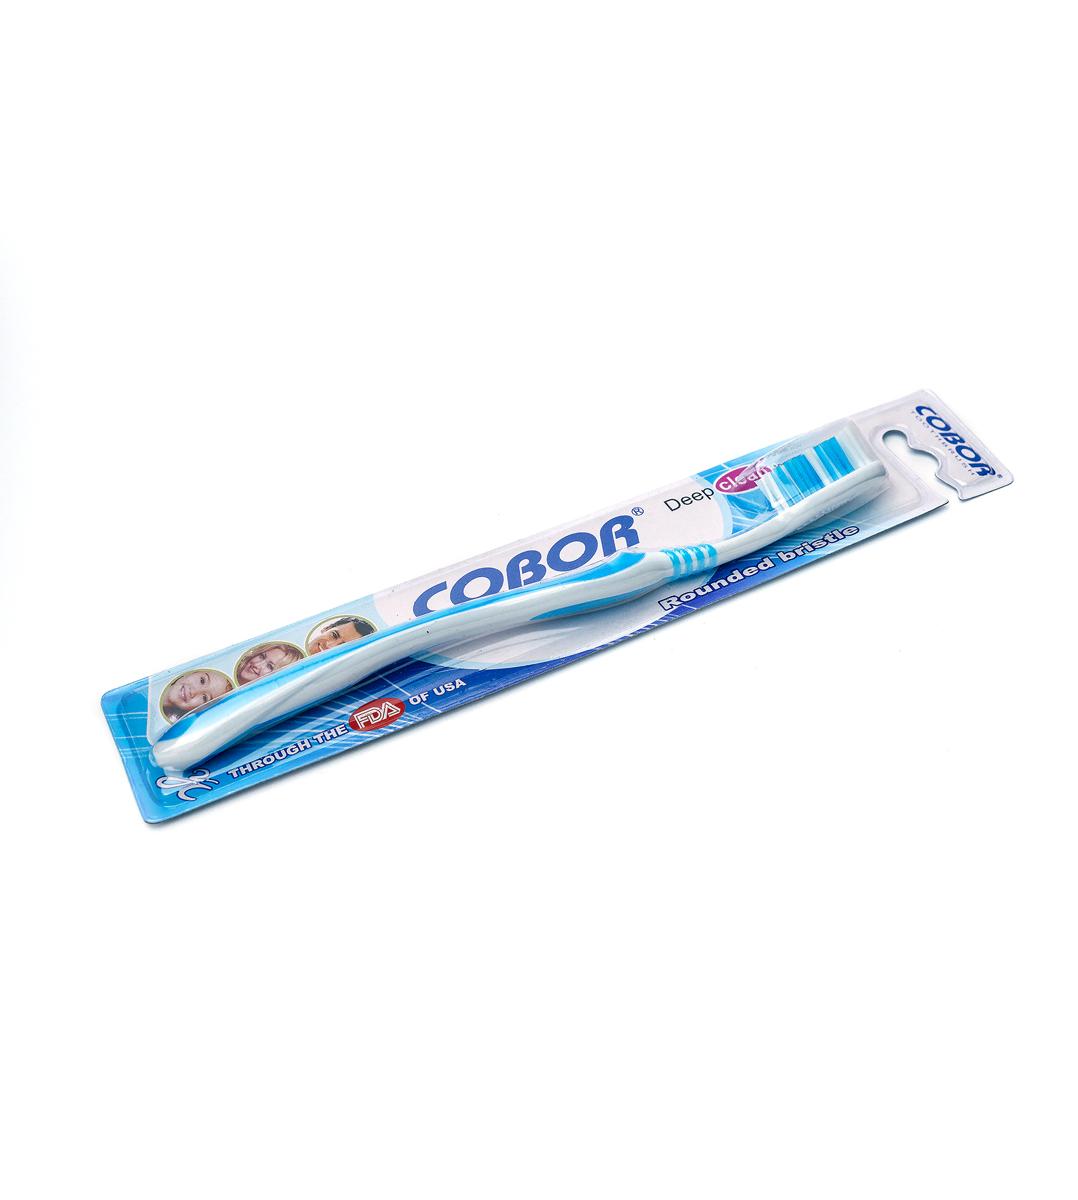 Зубная щетка Cobor 917 с